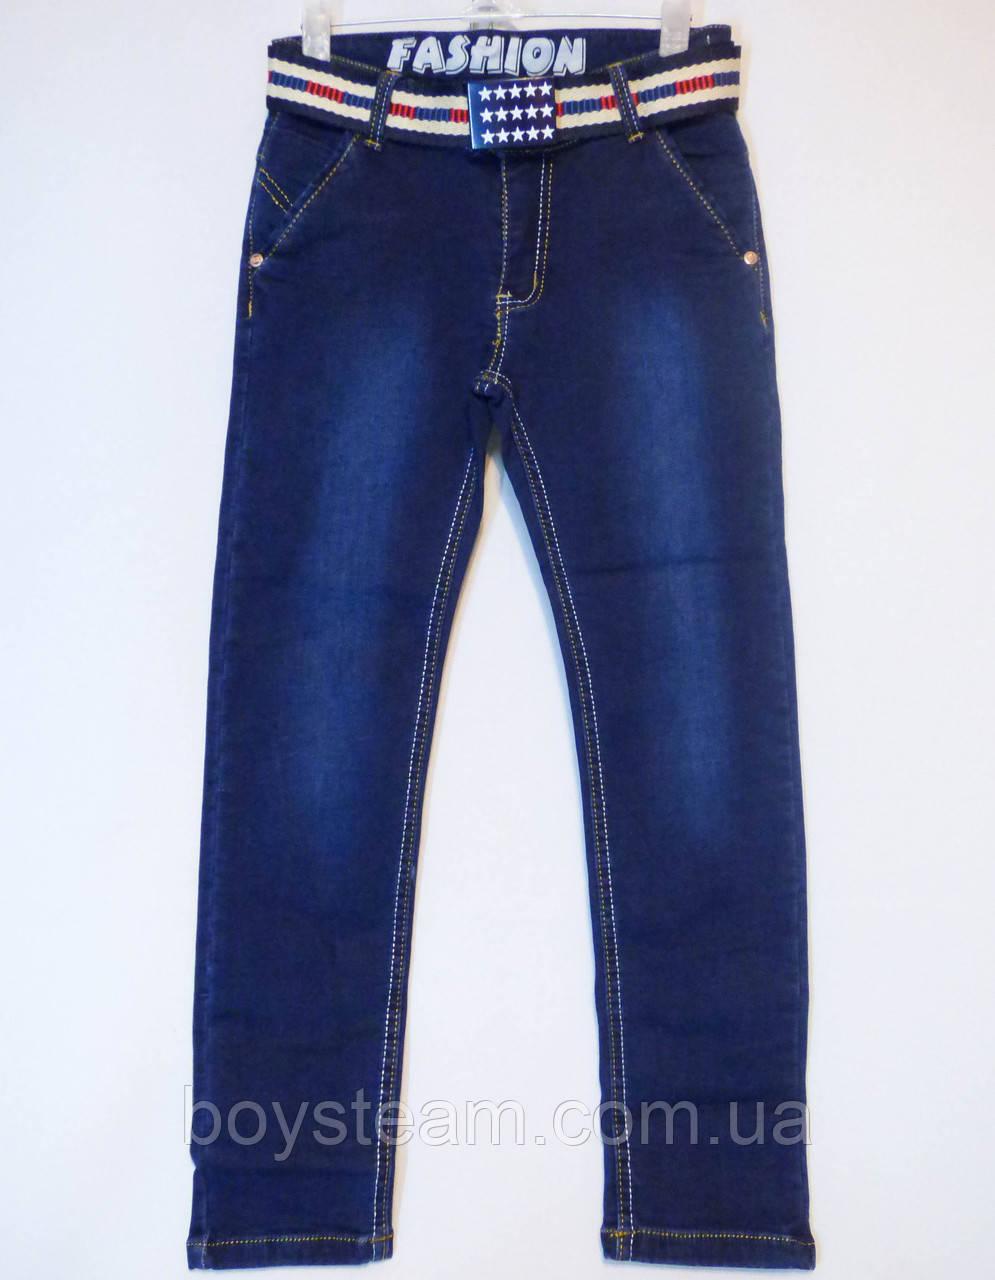 Веснянні джинси для хлопчиків-підлітків від 8 до 16 років (134-164см.)  Фірма-Yilihao. Польща. 99785ddf87211